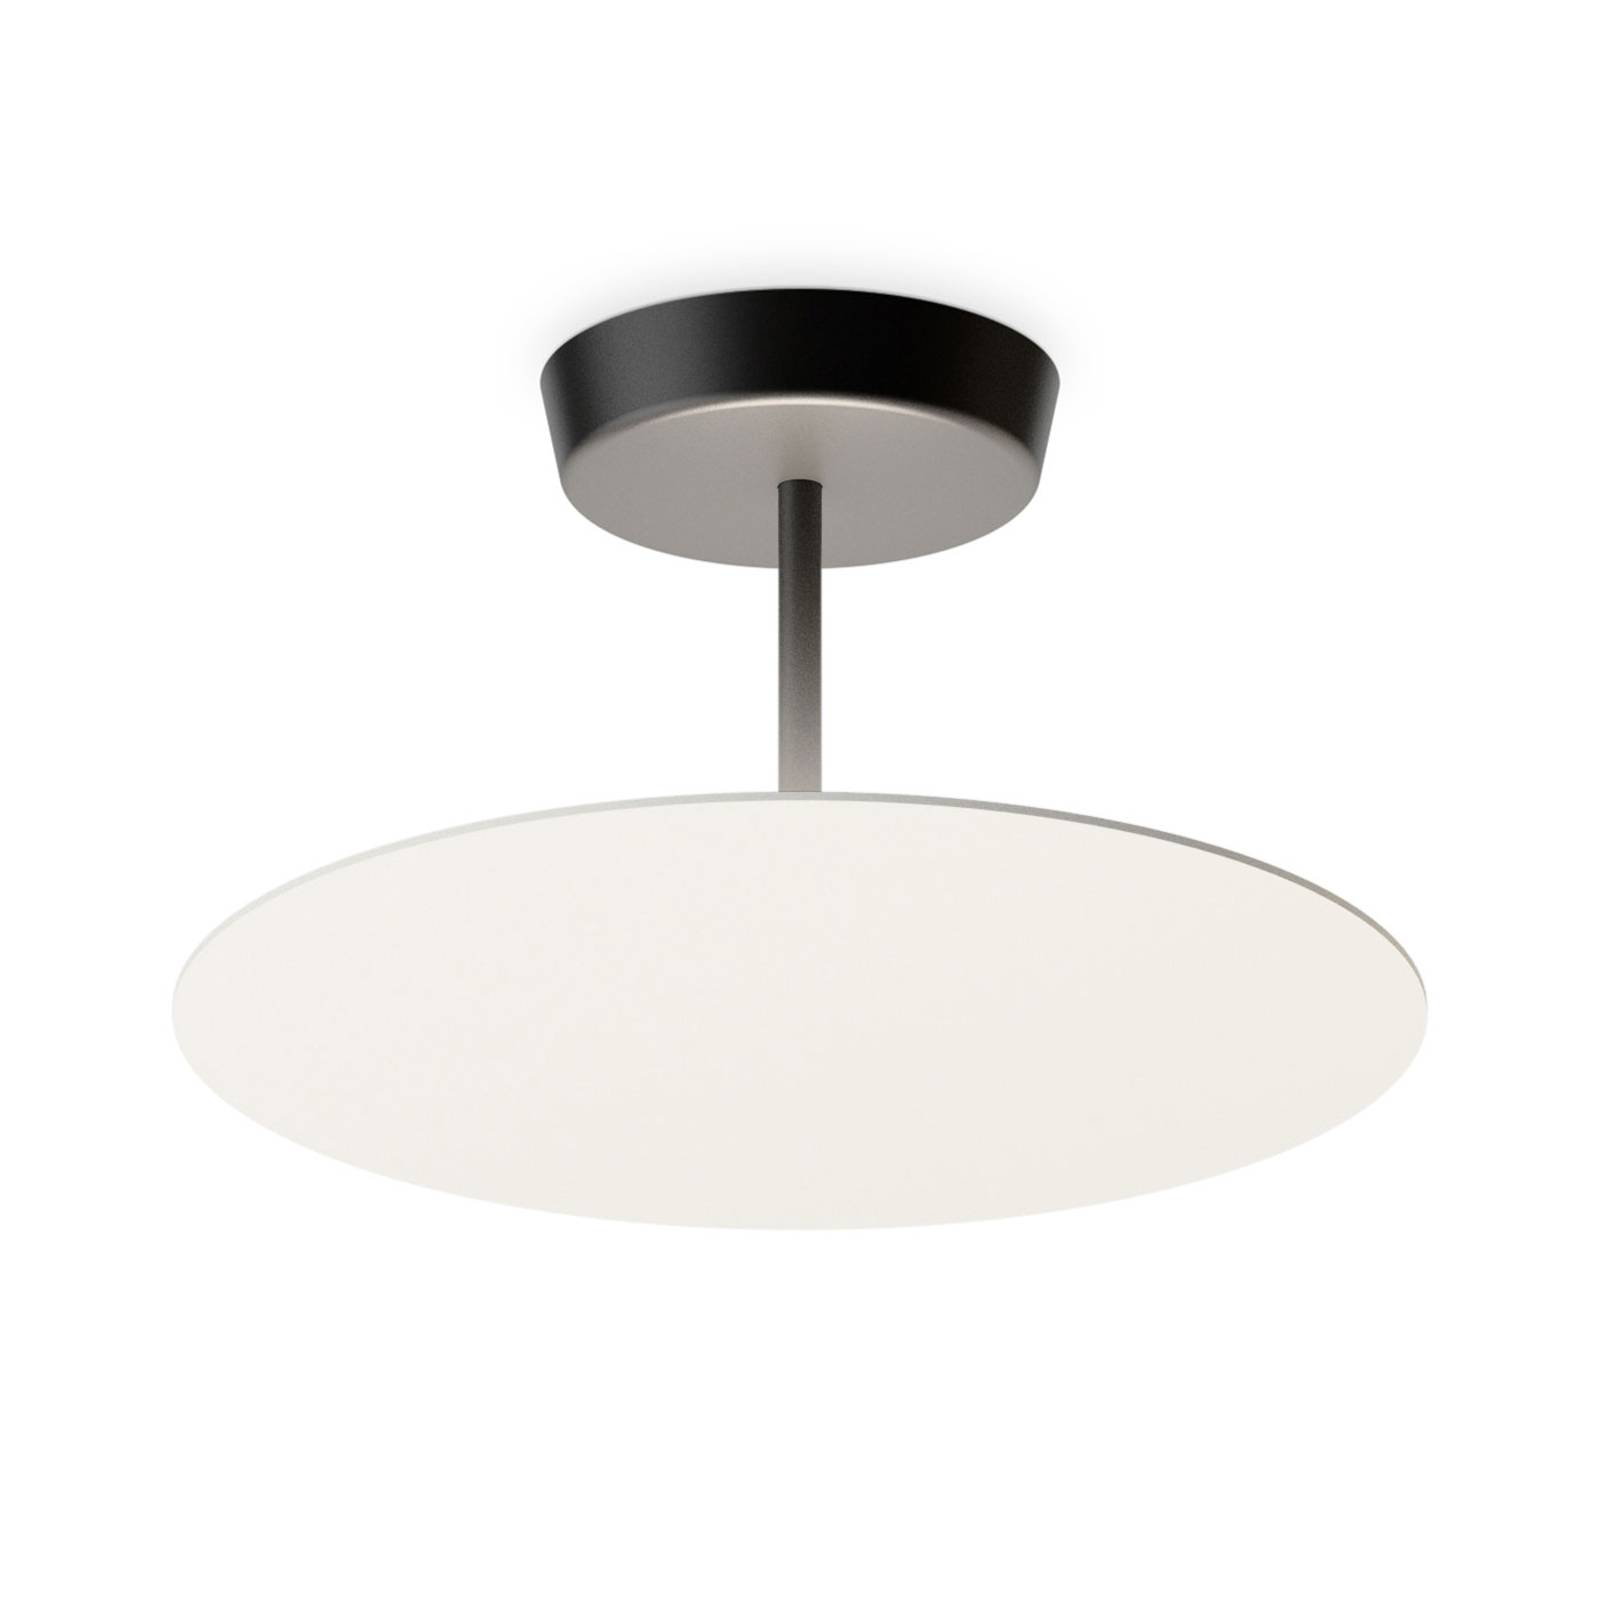 Billede af Vibia Flat LED-loftlampe 1 lyskilde, Ø 40 cm, hvid